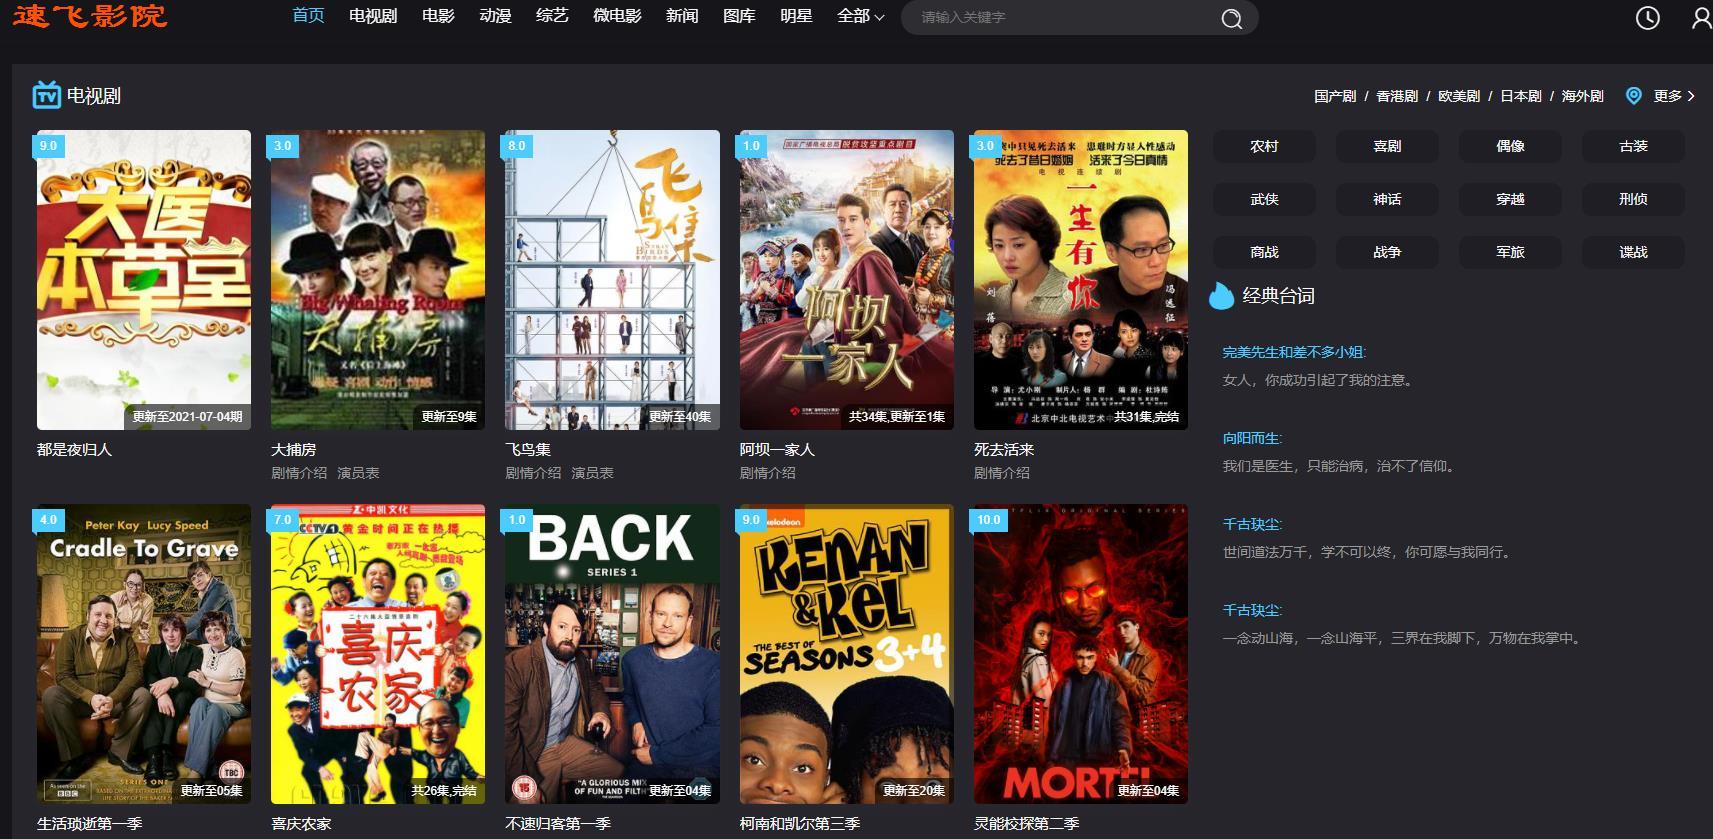 速飞影院(sufei)全网好看的vip会员电影电视剧西瓜影音免费在线观看